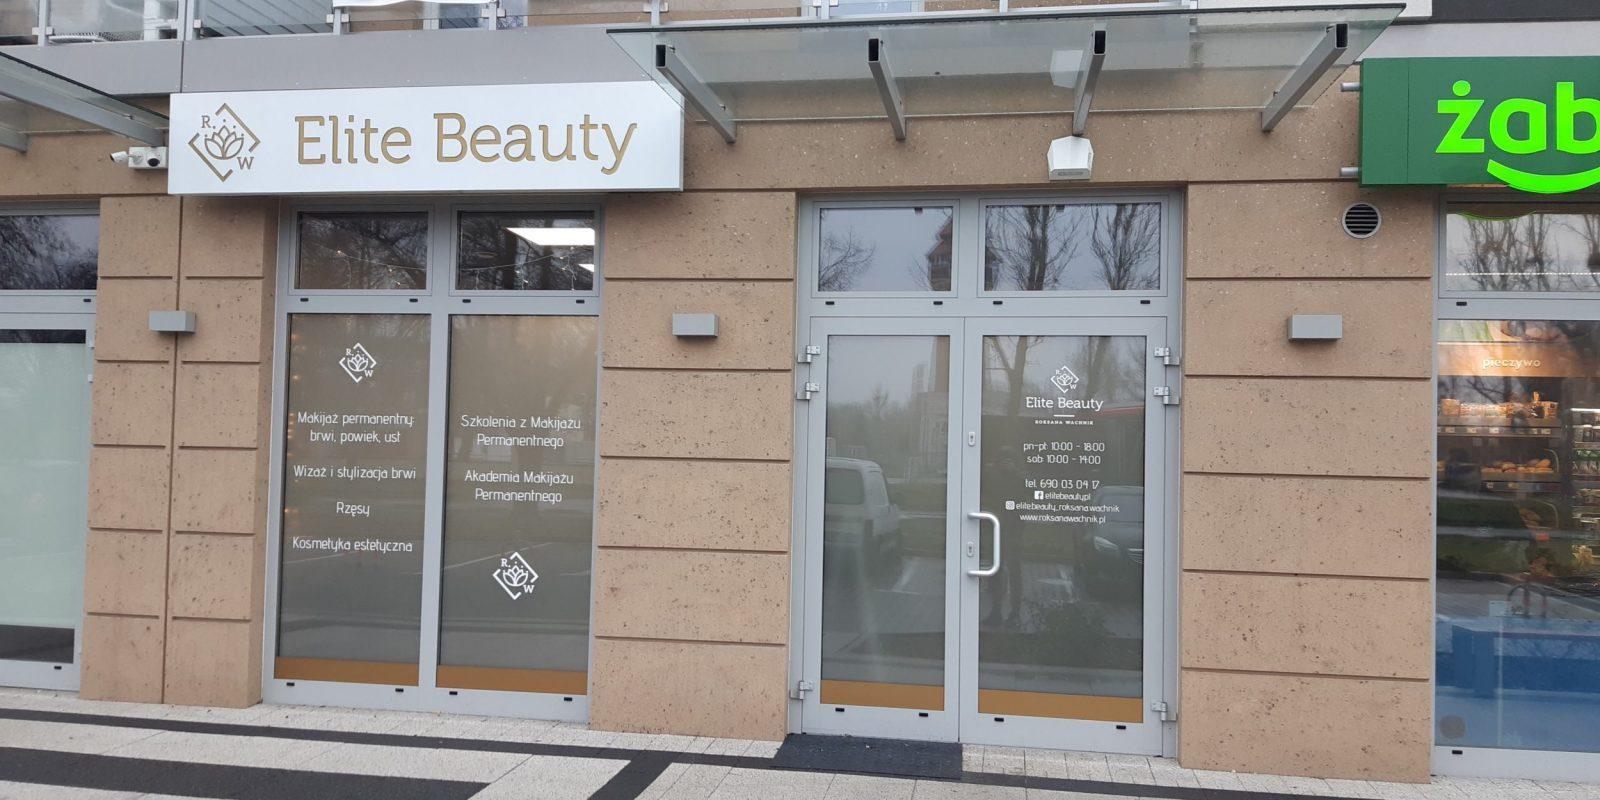 Adaptacja lokalu na potrzeby salonu kosmetycznego